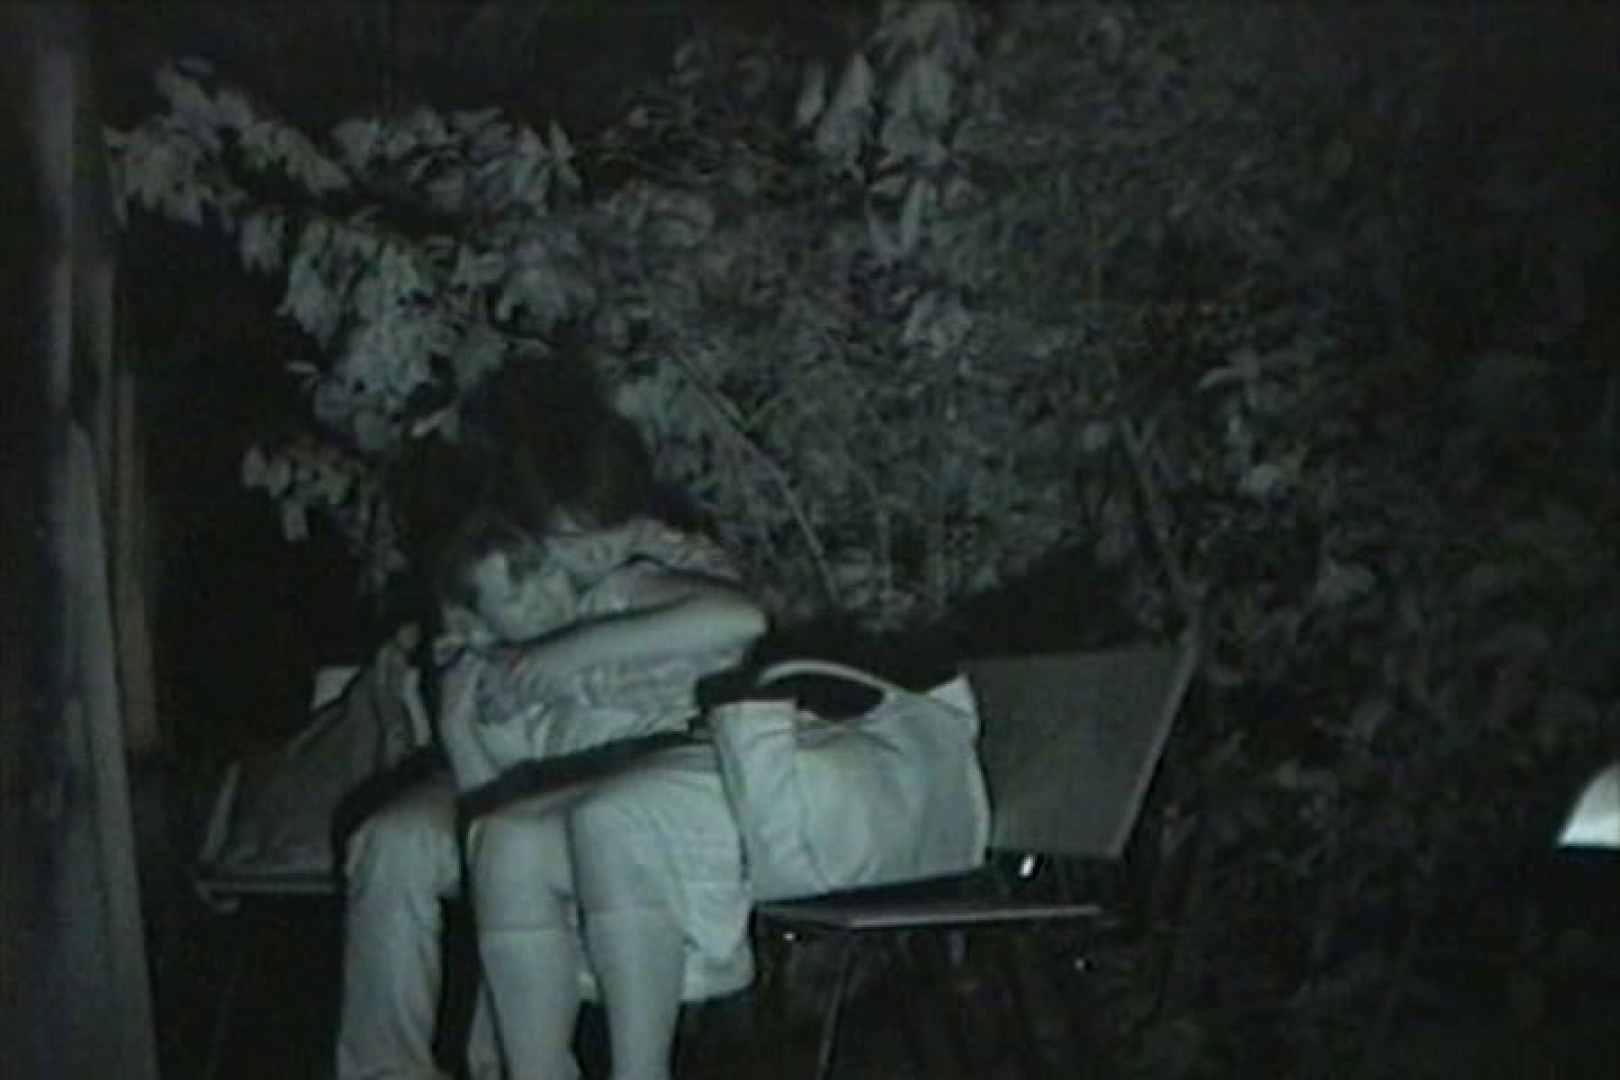 闇の仕掛け人 無修正版 Vol.24 すけべなカップル | ラブホテル  102画像 16